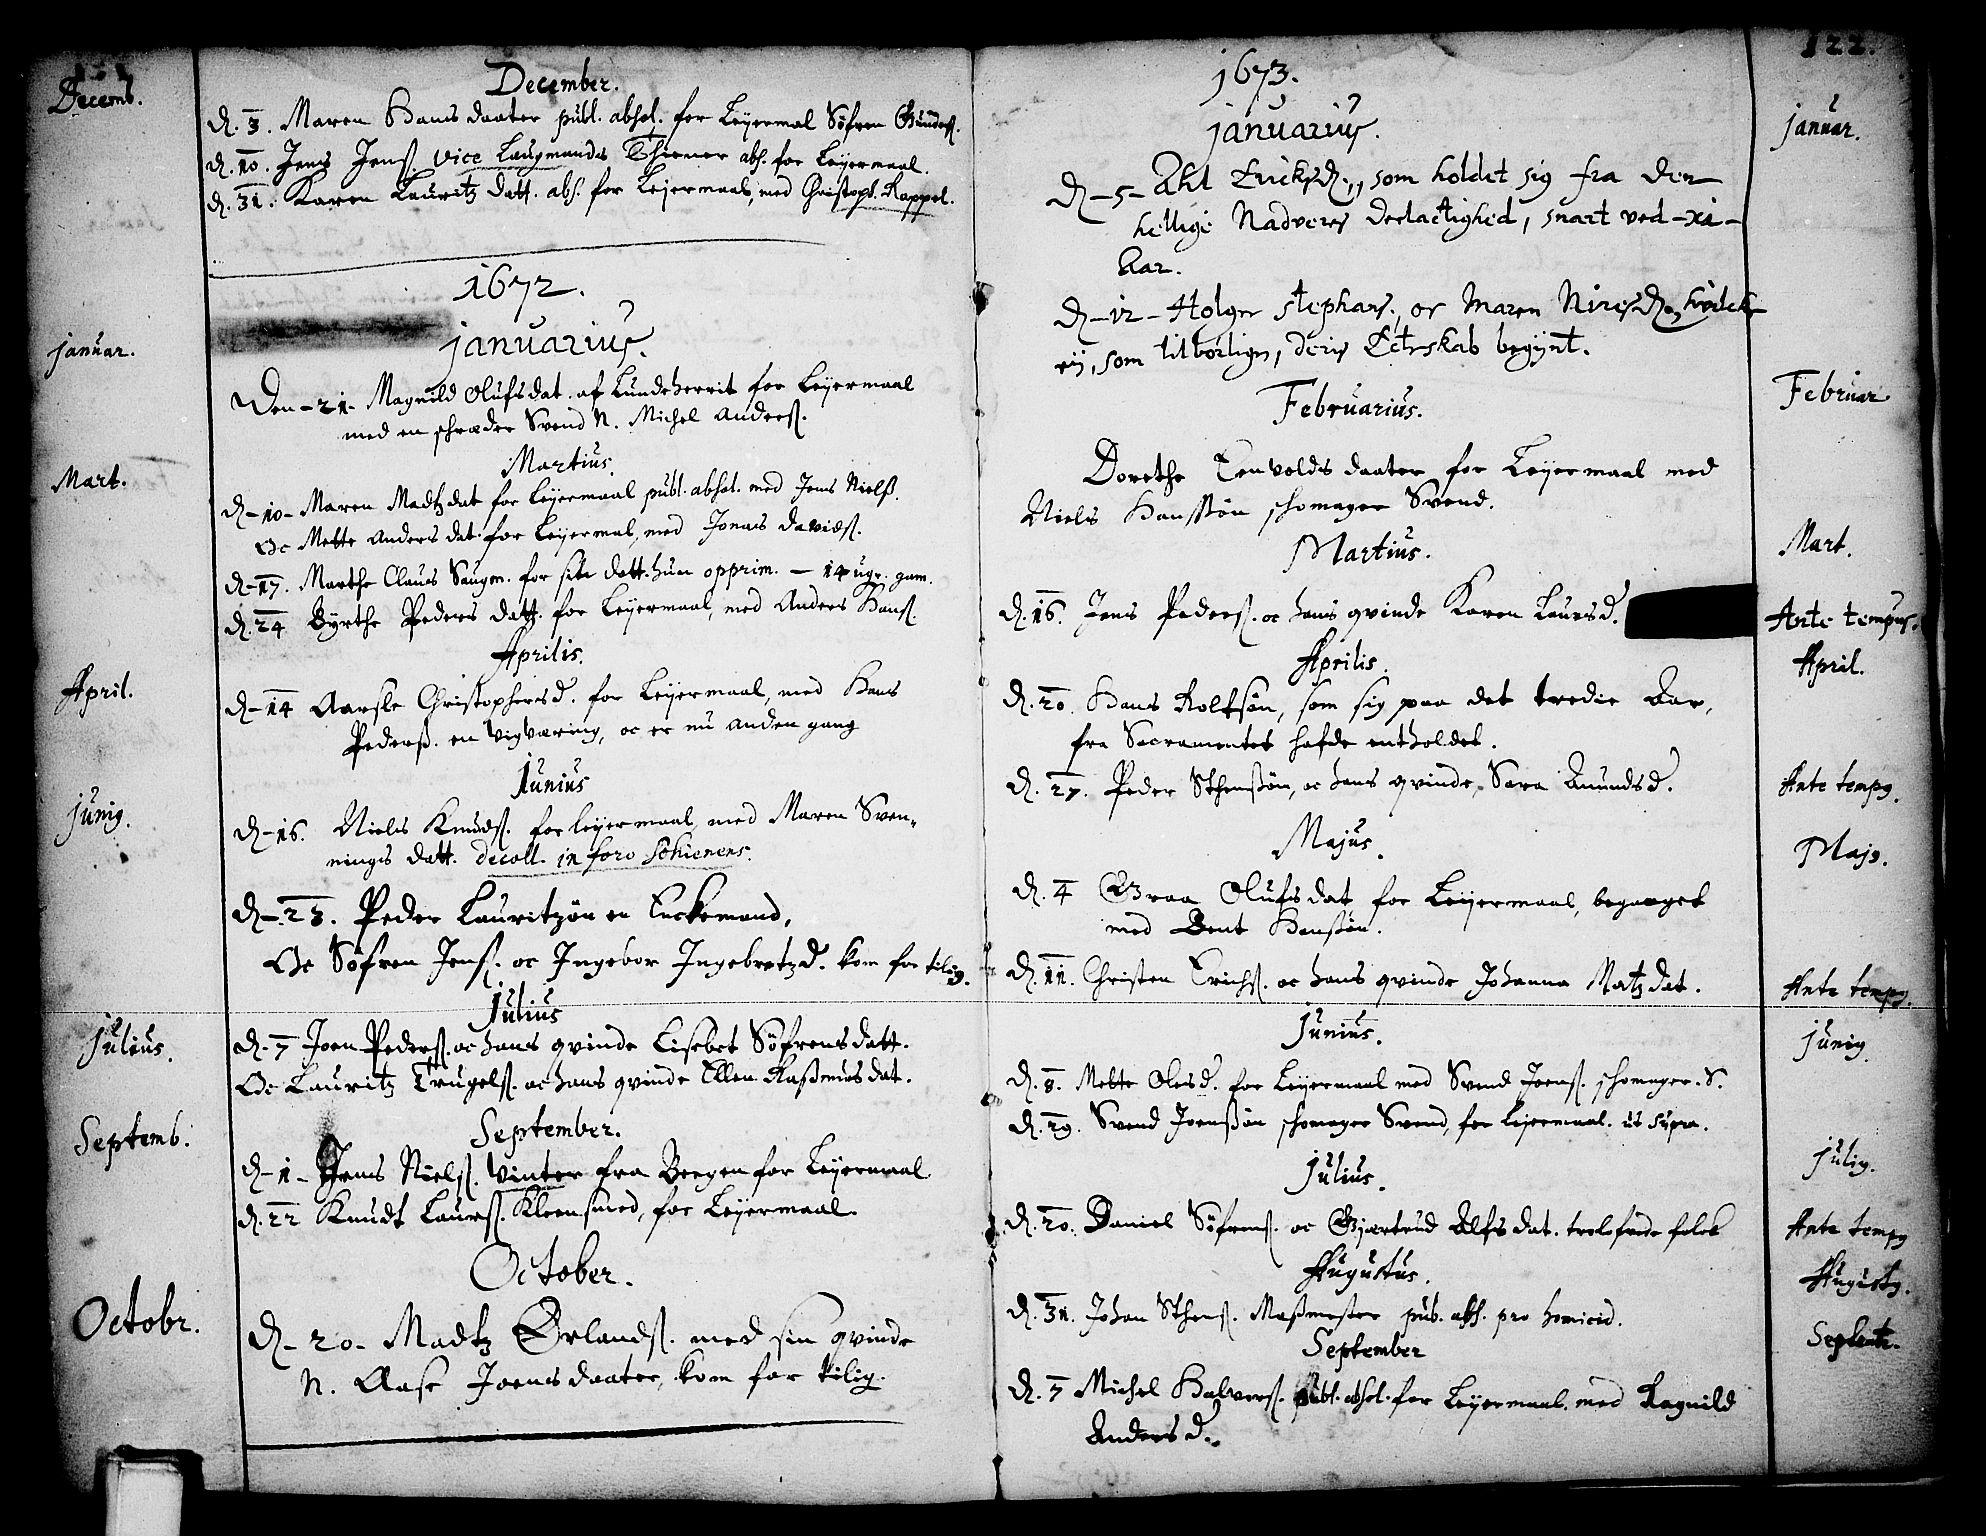 SAKO, Skien kirkebøker, F/Fa/L0001: Ministerialbok nr. 1, 1659-1679, s. 122